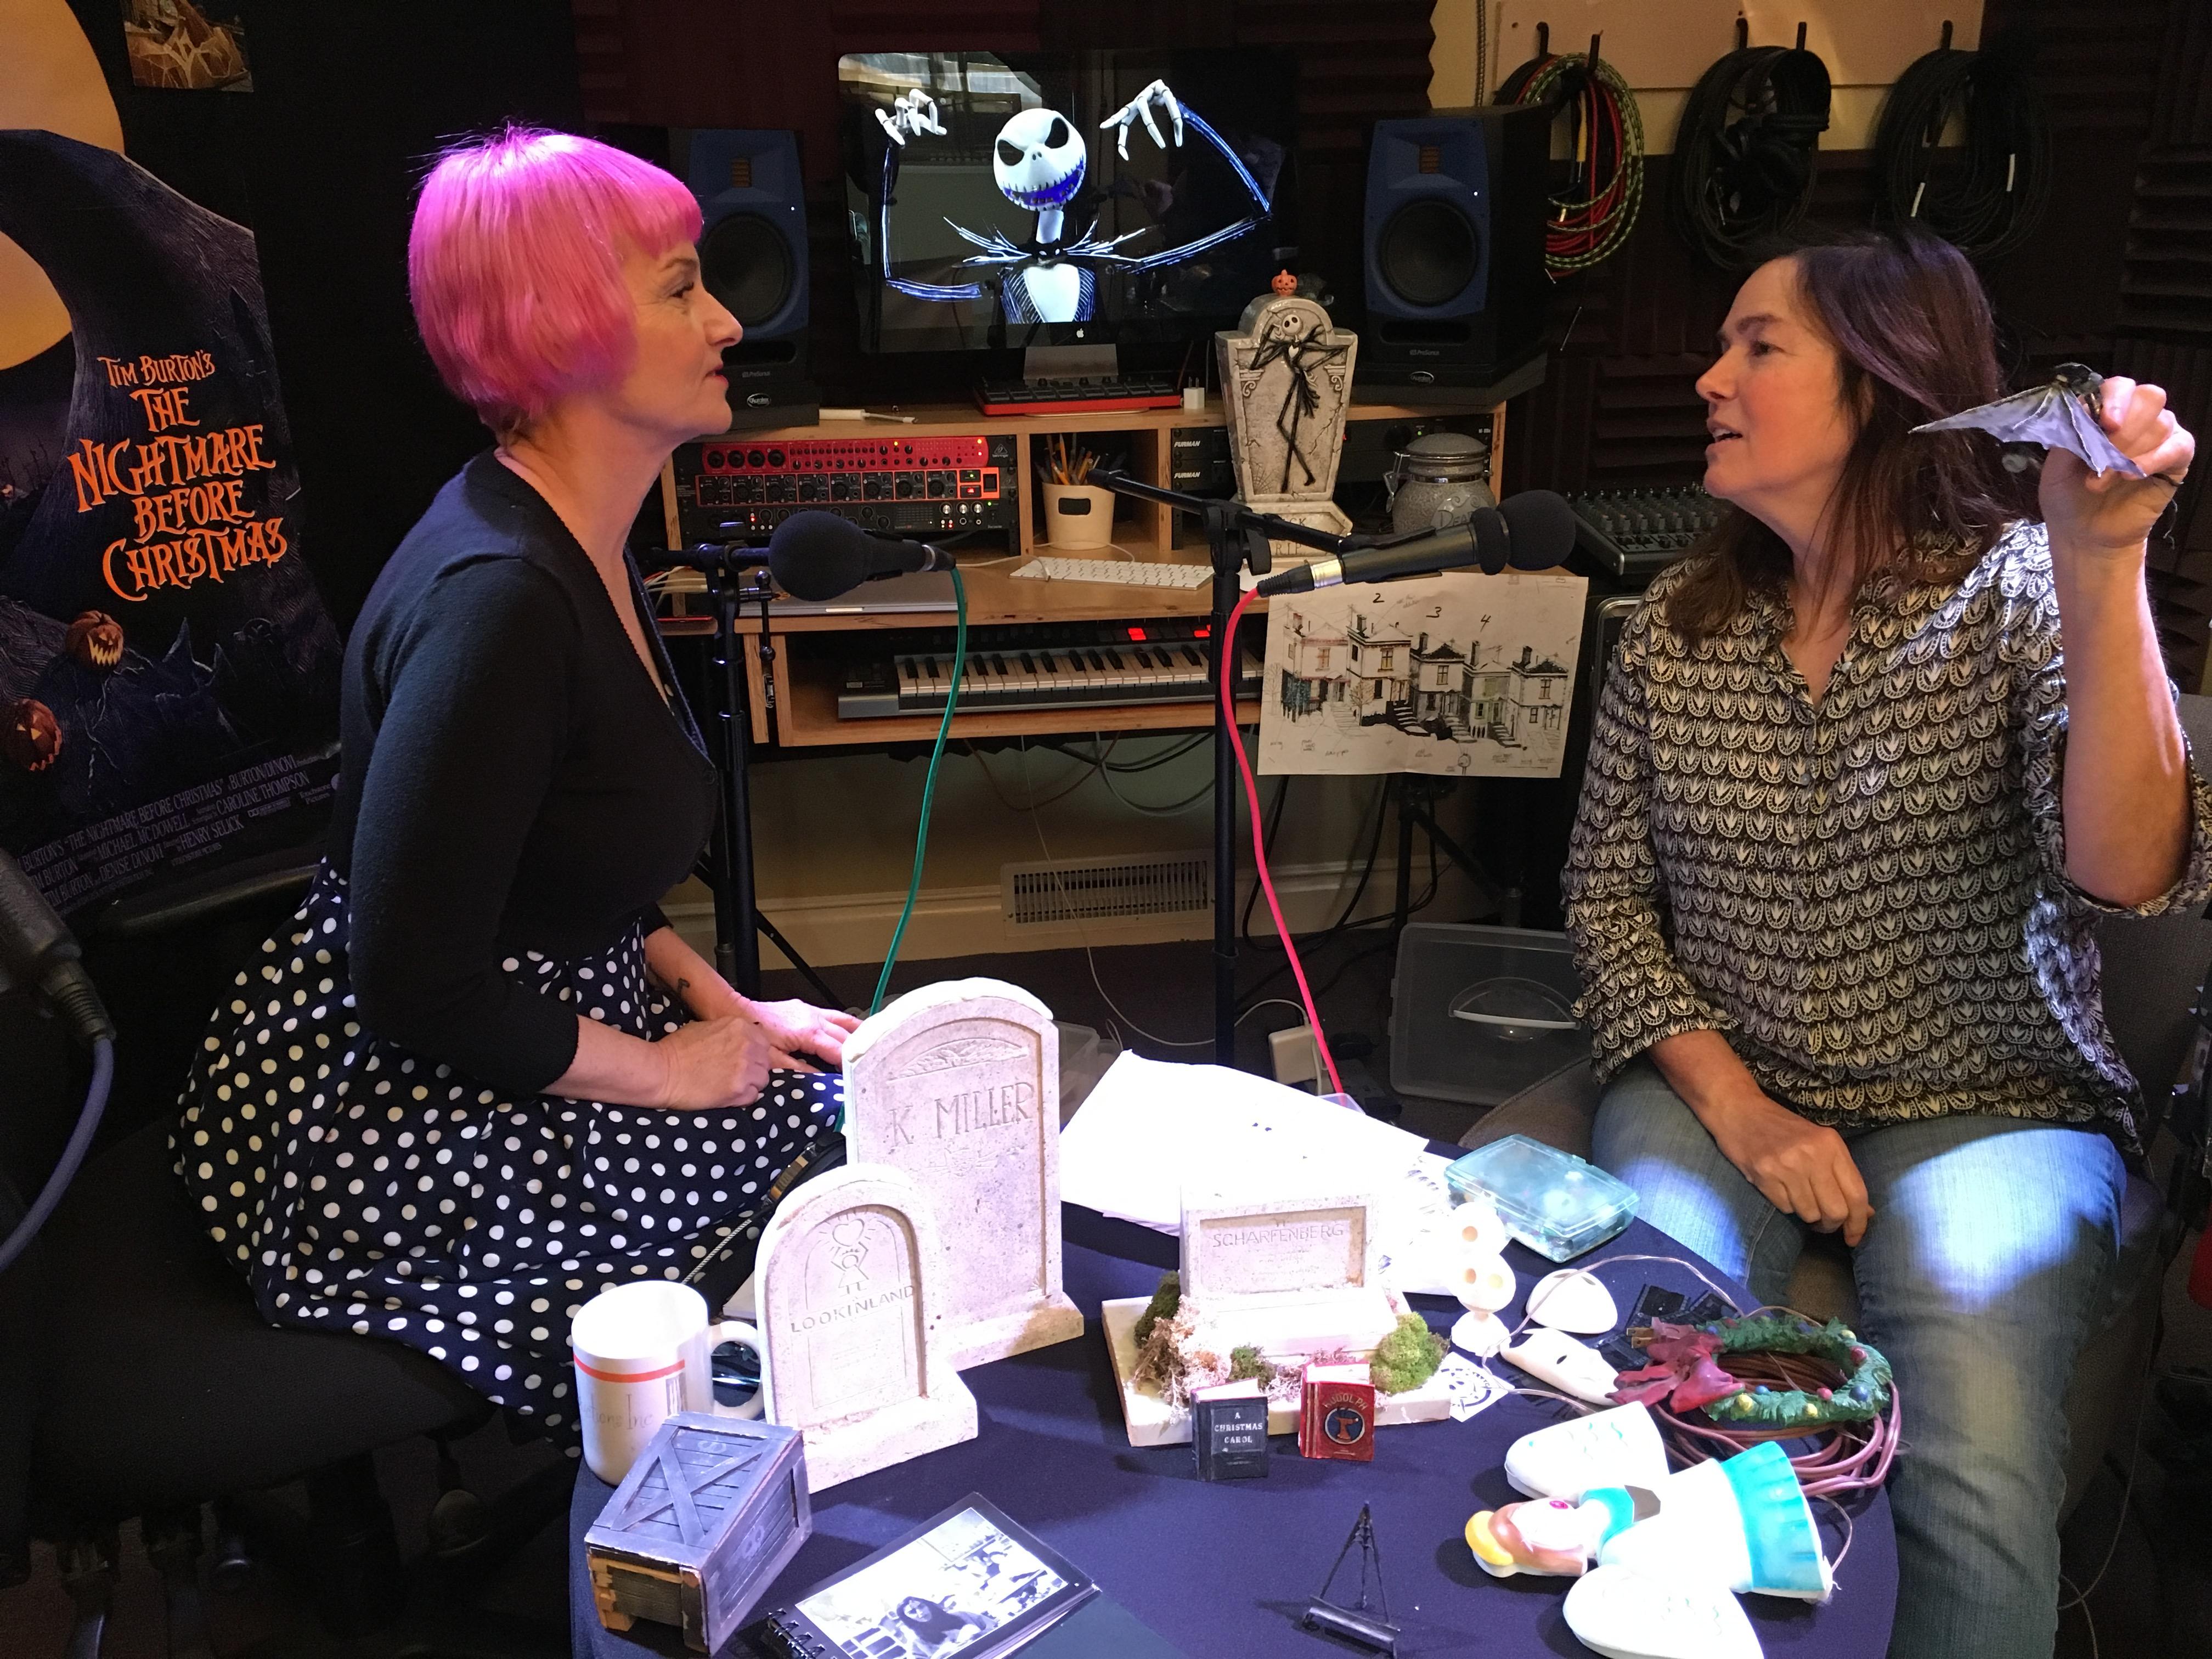 Gretchen & Kat in studio